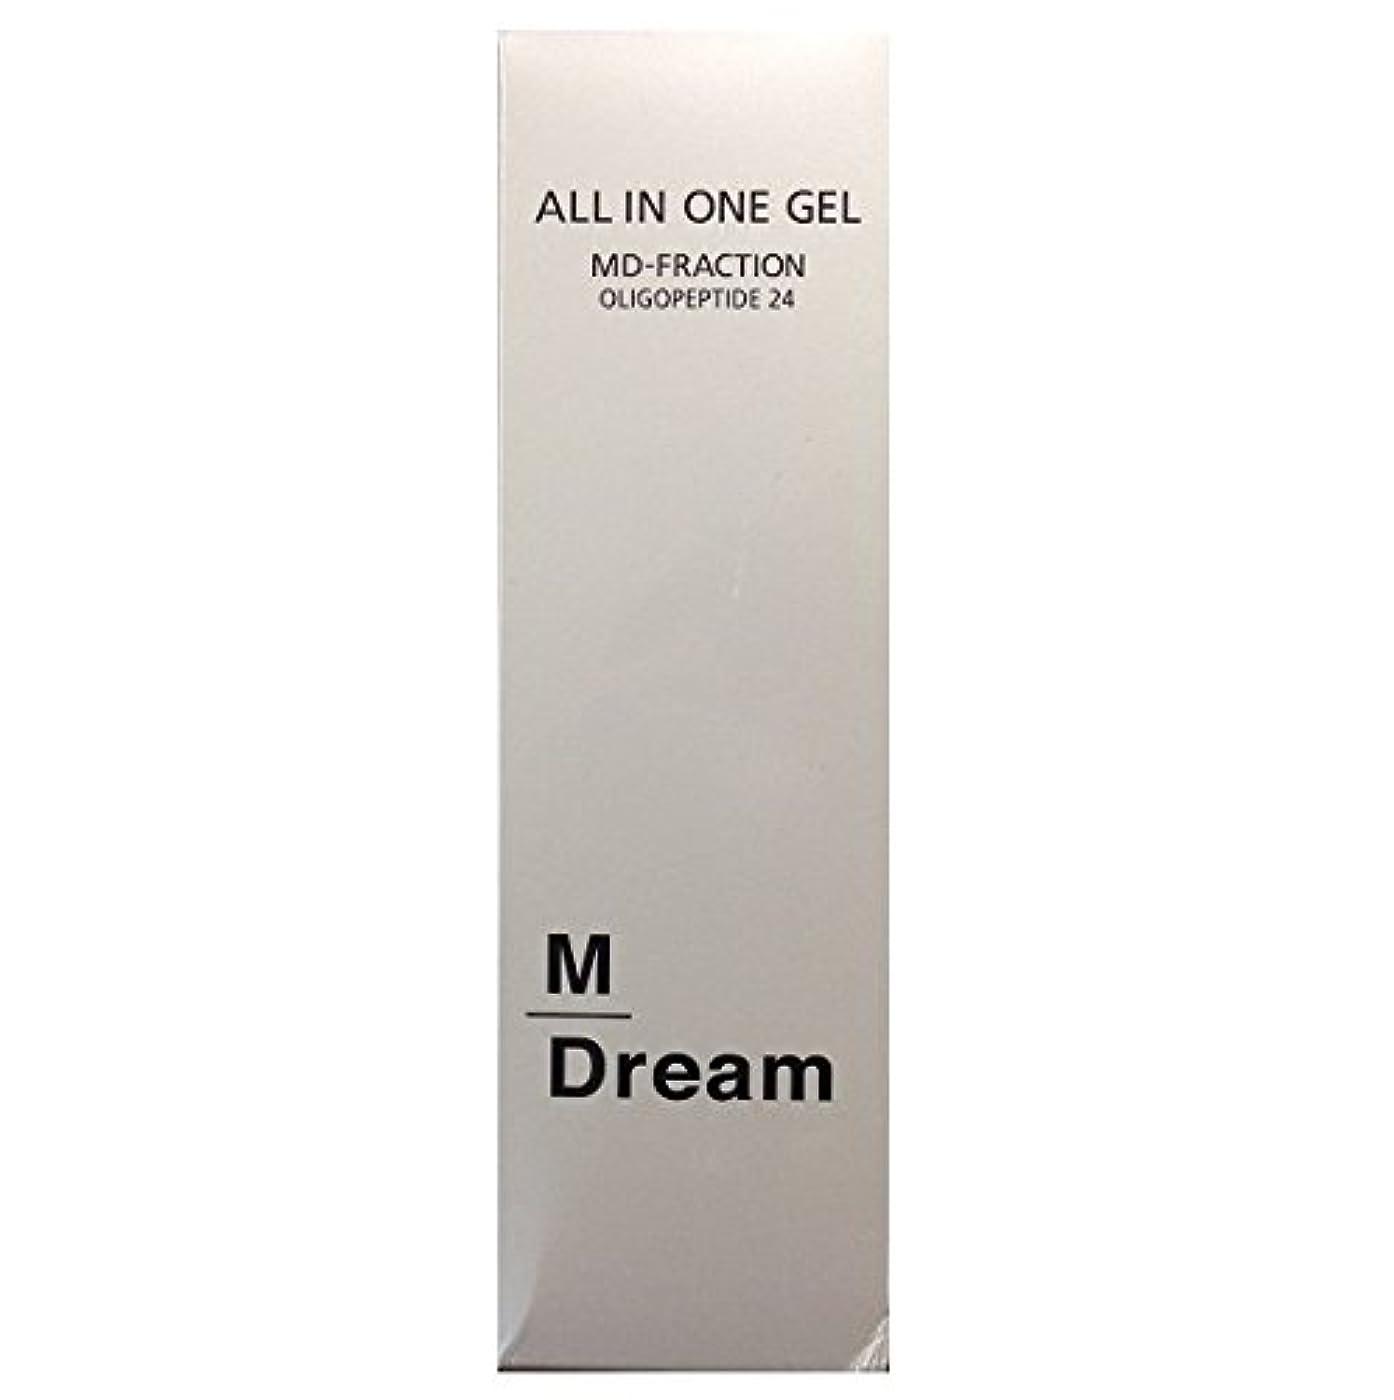 鯨シンポジウムコーチエムスリー MDオールインワンジェル M Dream